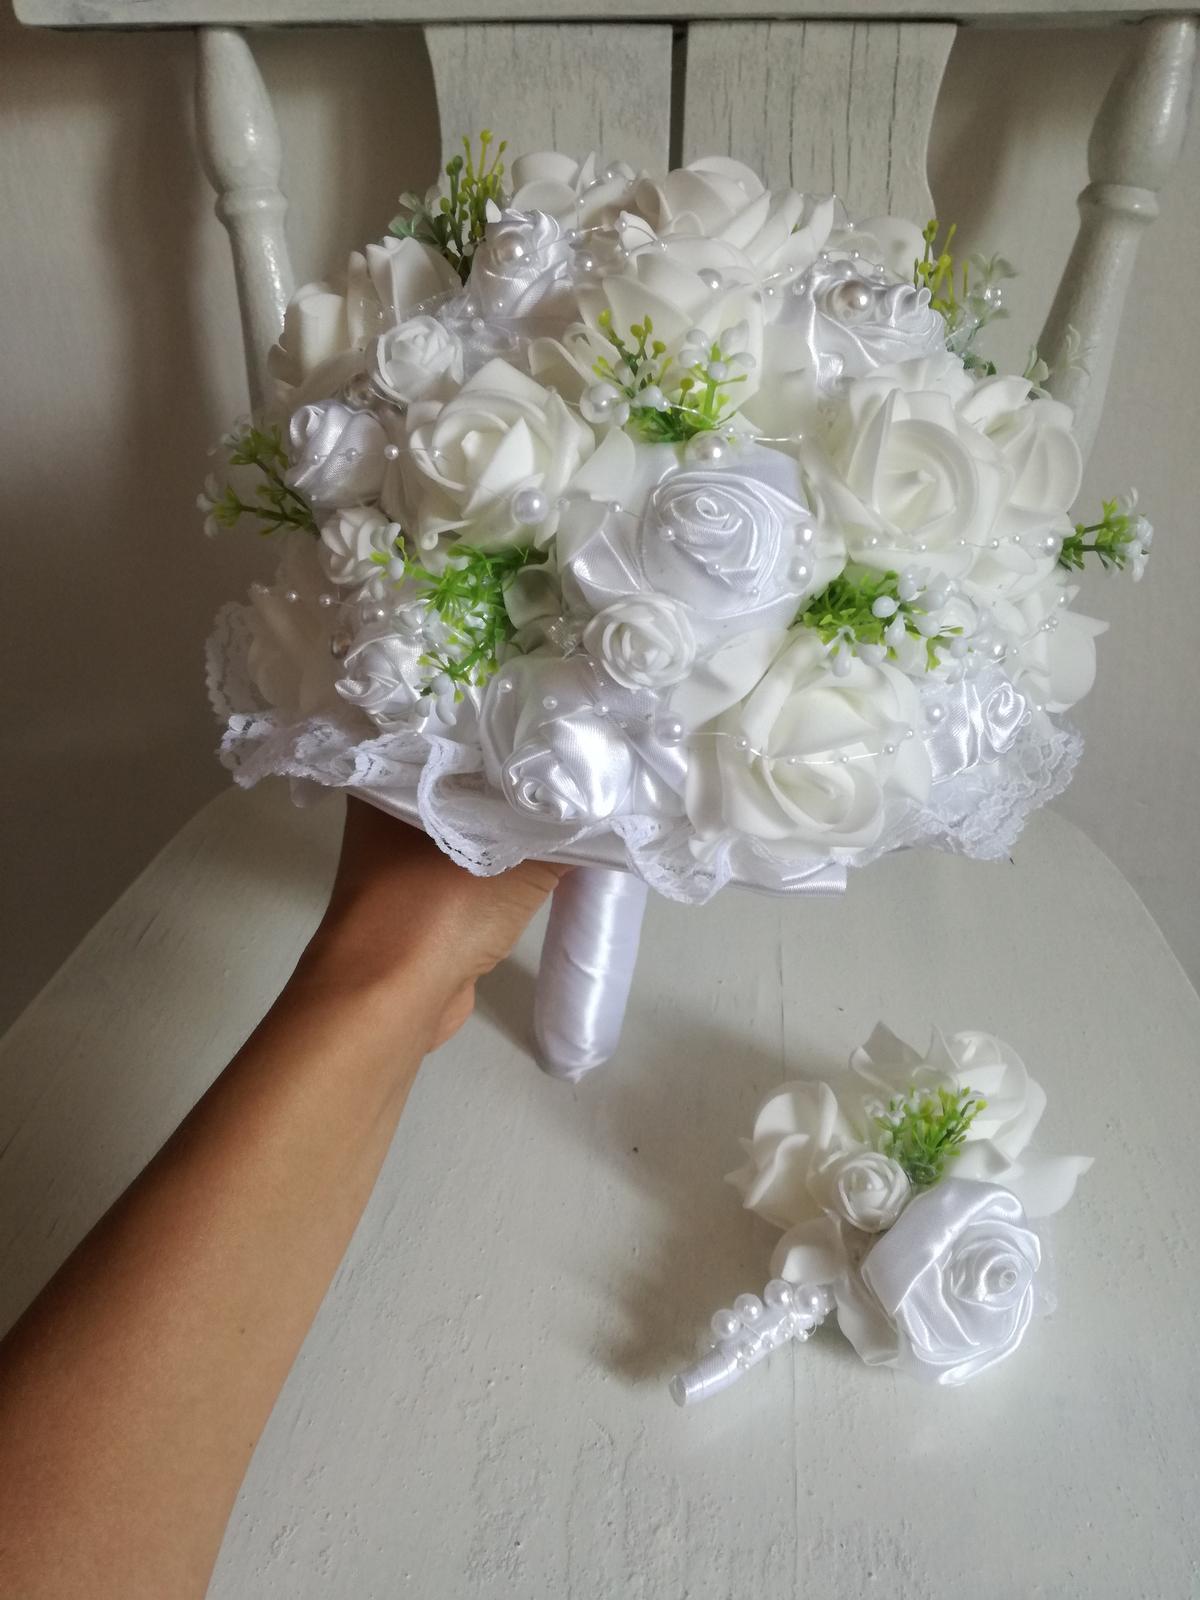 Svadobná kytička,pošta v cene - Obrázok č. 1